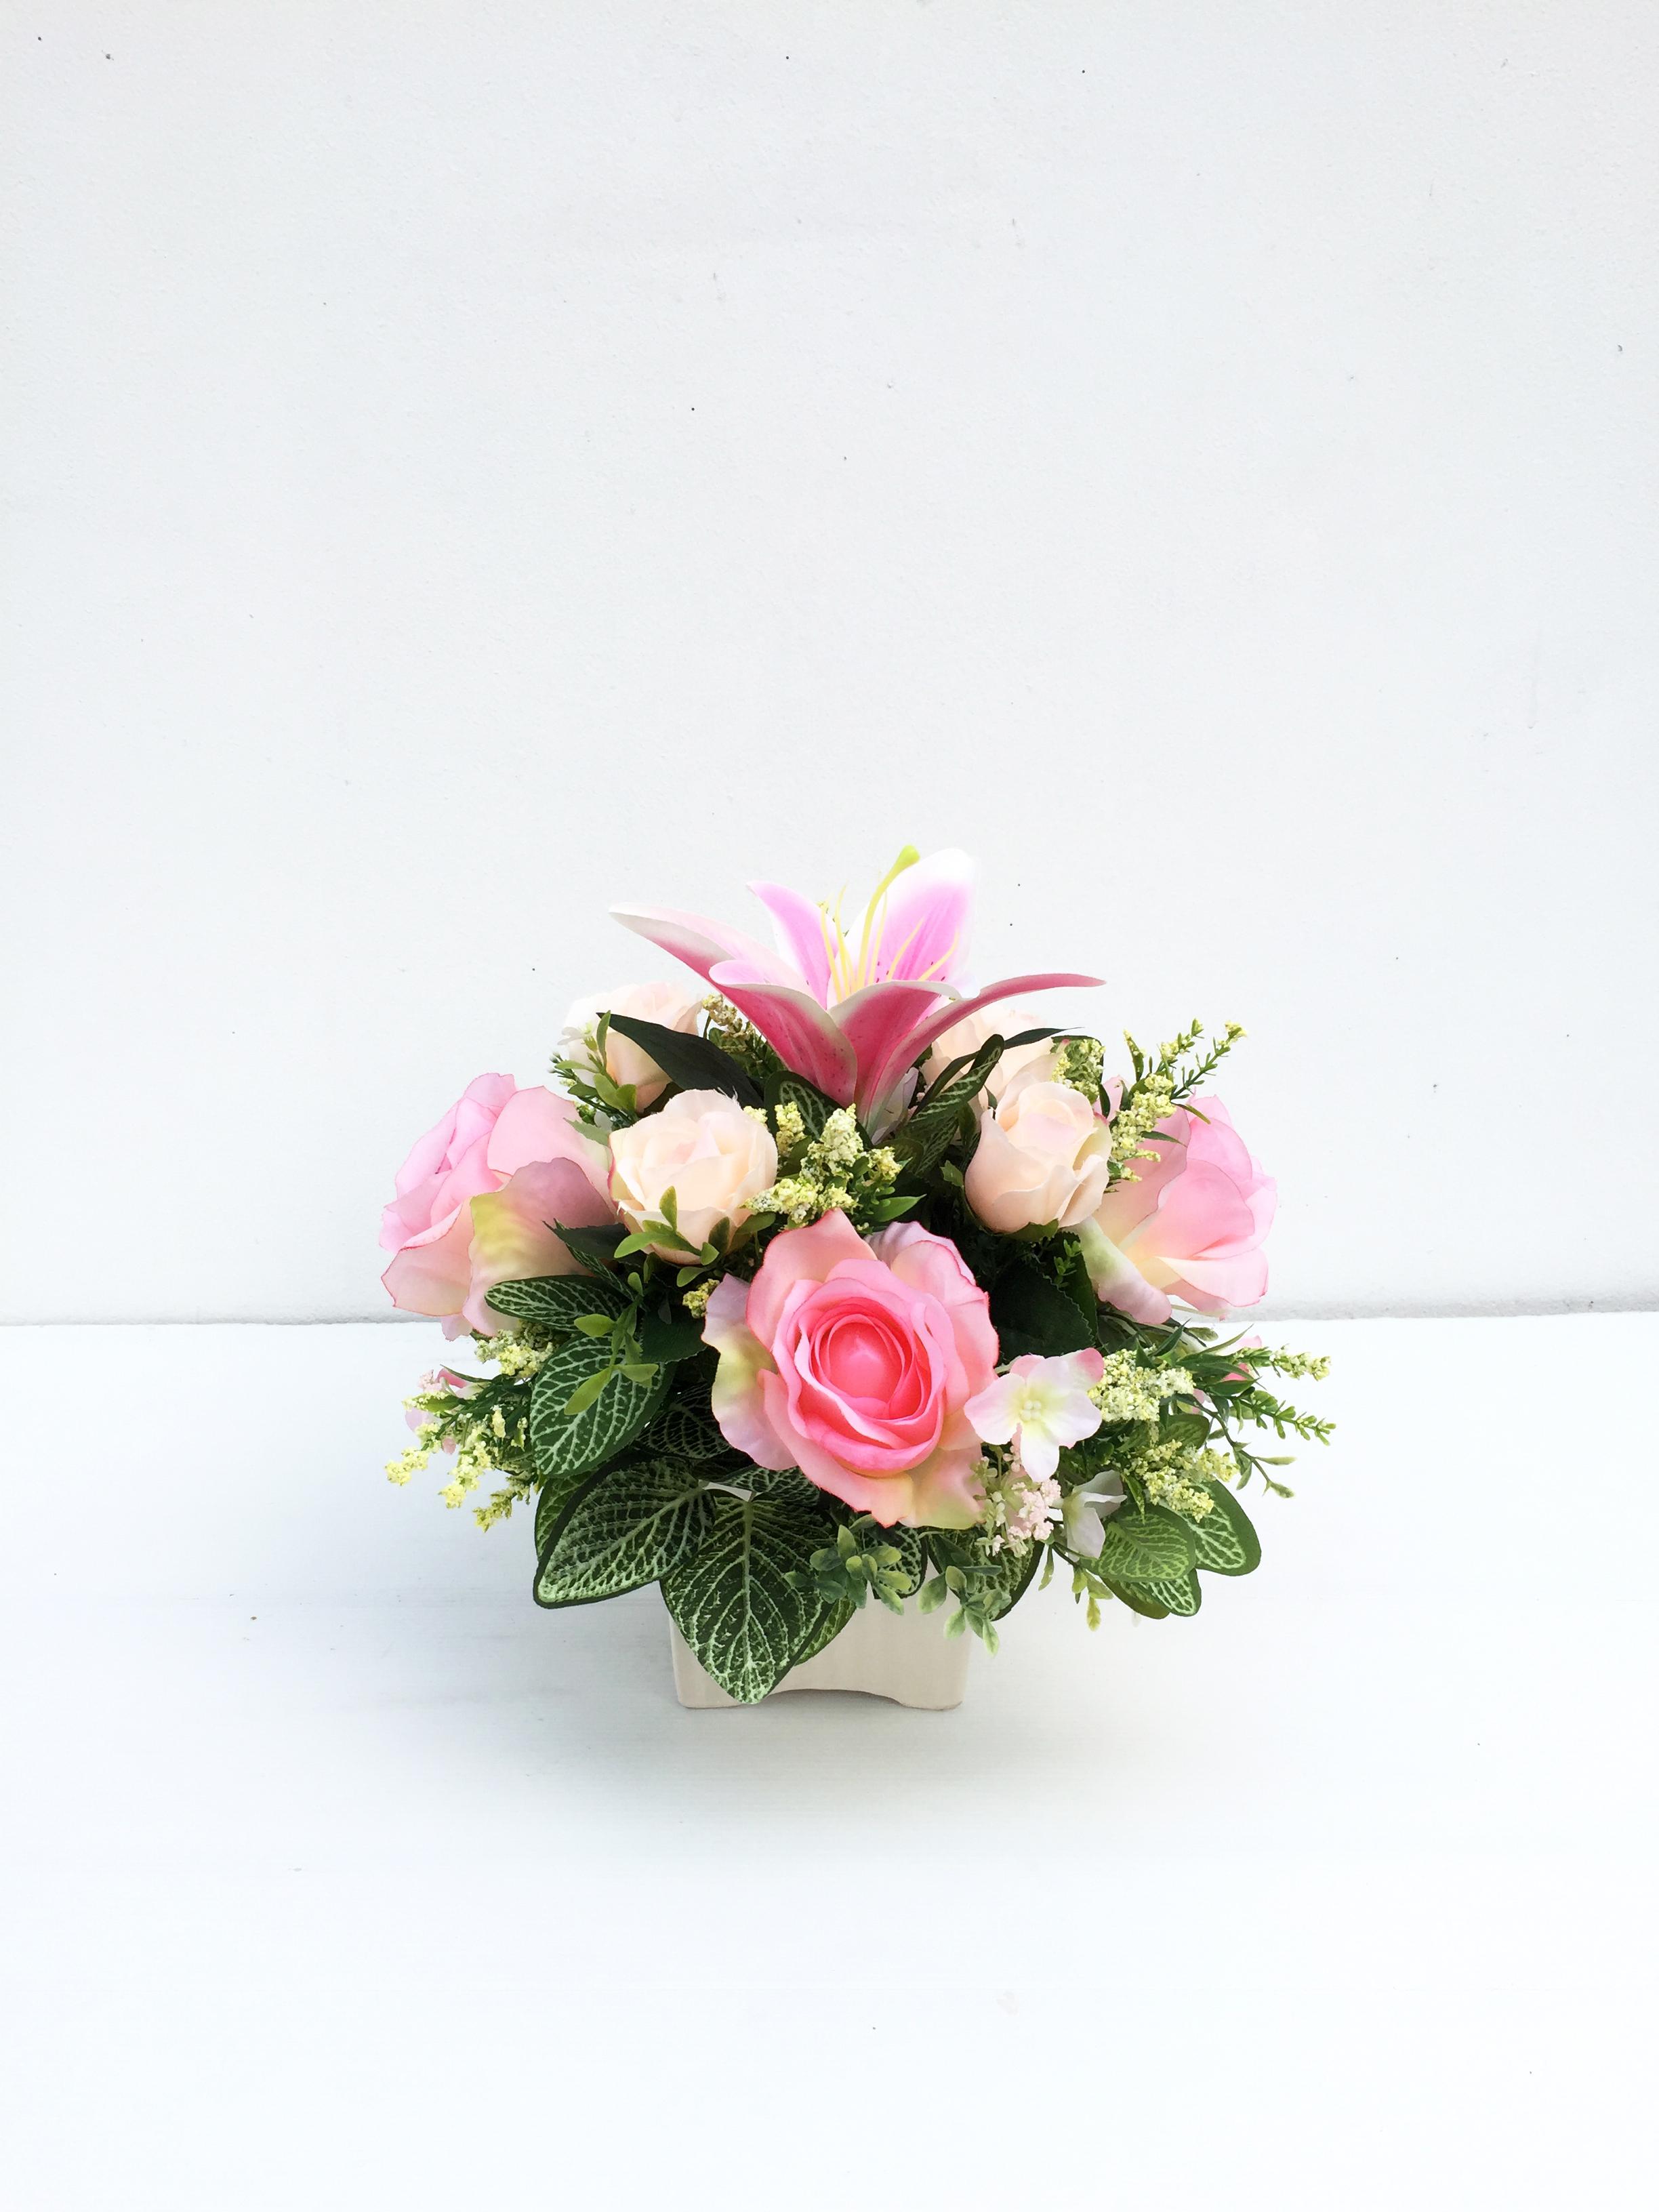 แจกันดอกไม้ประดิษฐ์โทนชมพู รหัส 3090